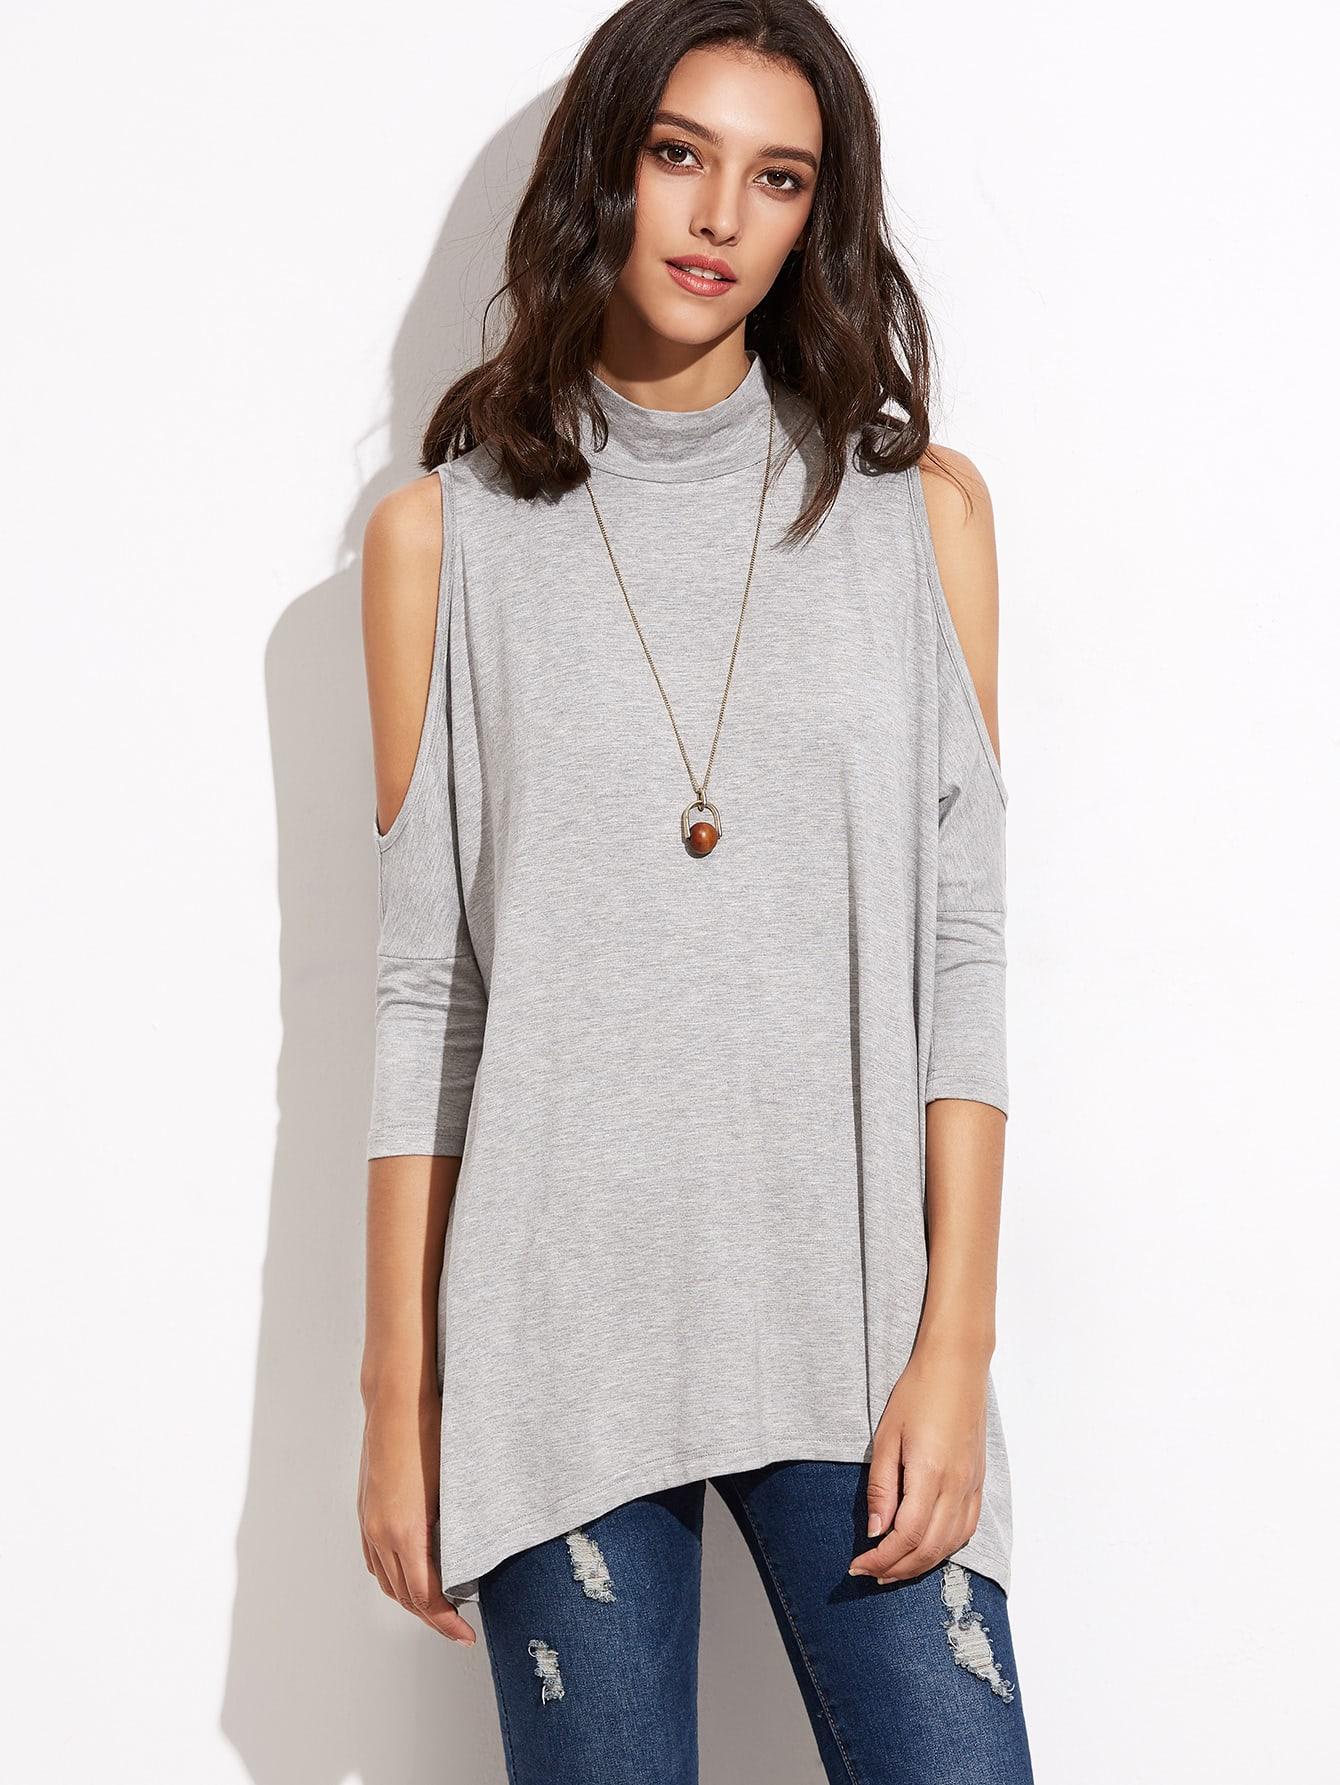 High Neck Keyhole Back Open Shoulder T-shirt